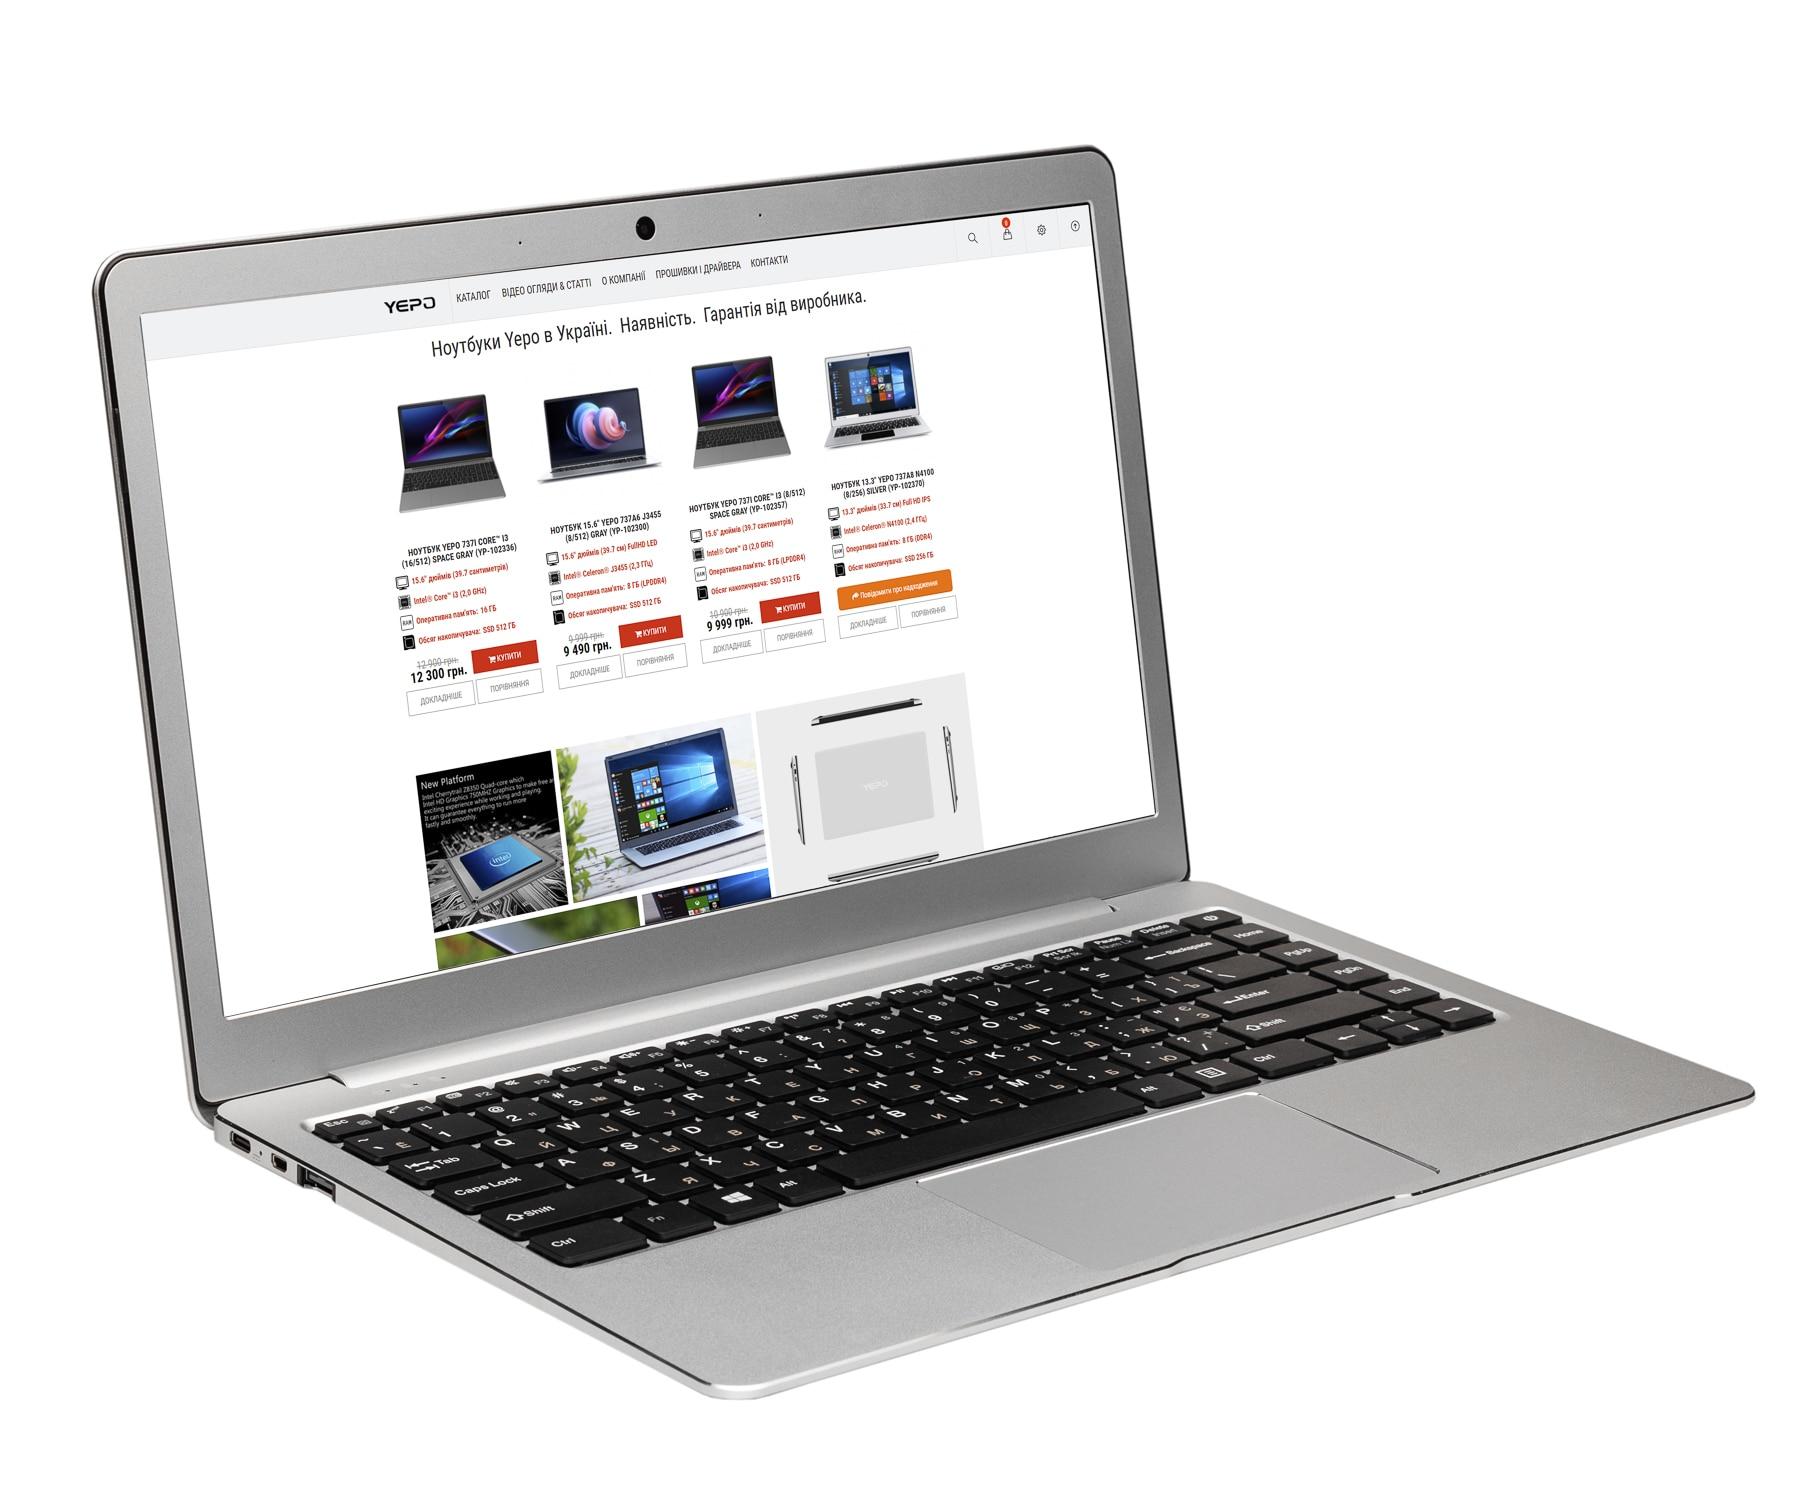 2019 Горячая Распродажа, чехол для macbook 13,3 дюйма, Матовый Жесткий пластиковый Чехол